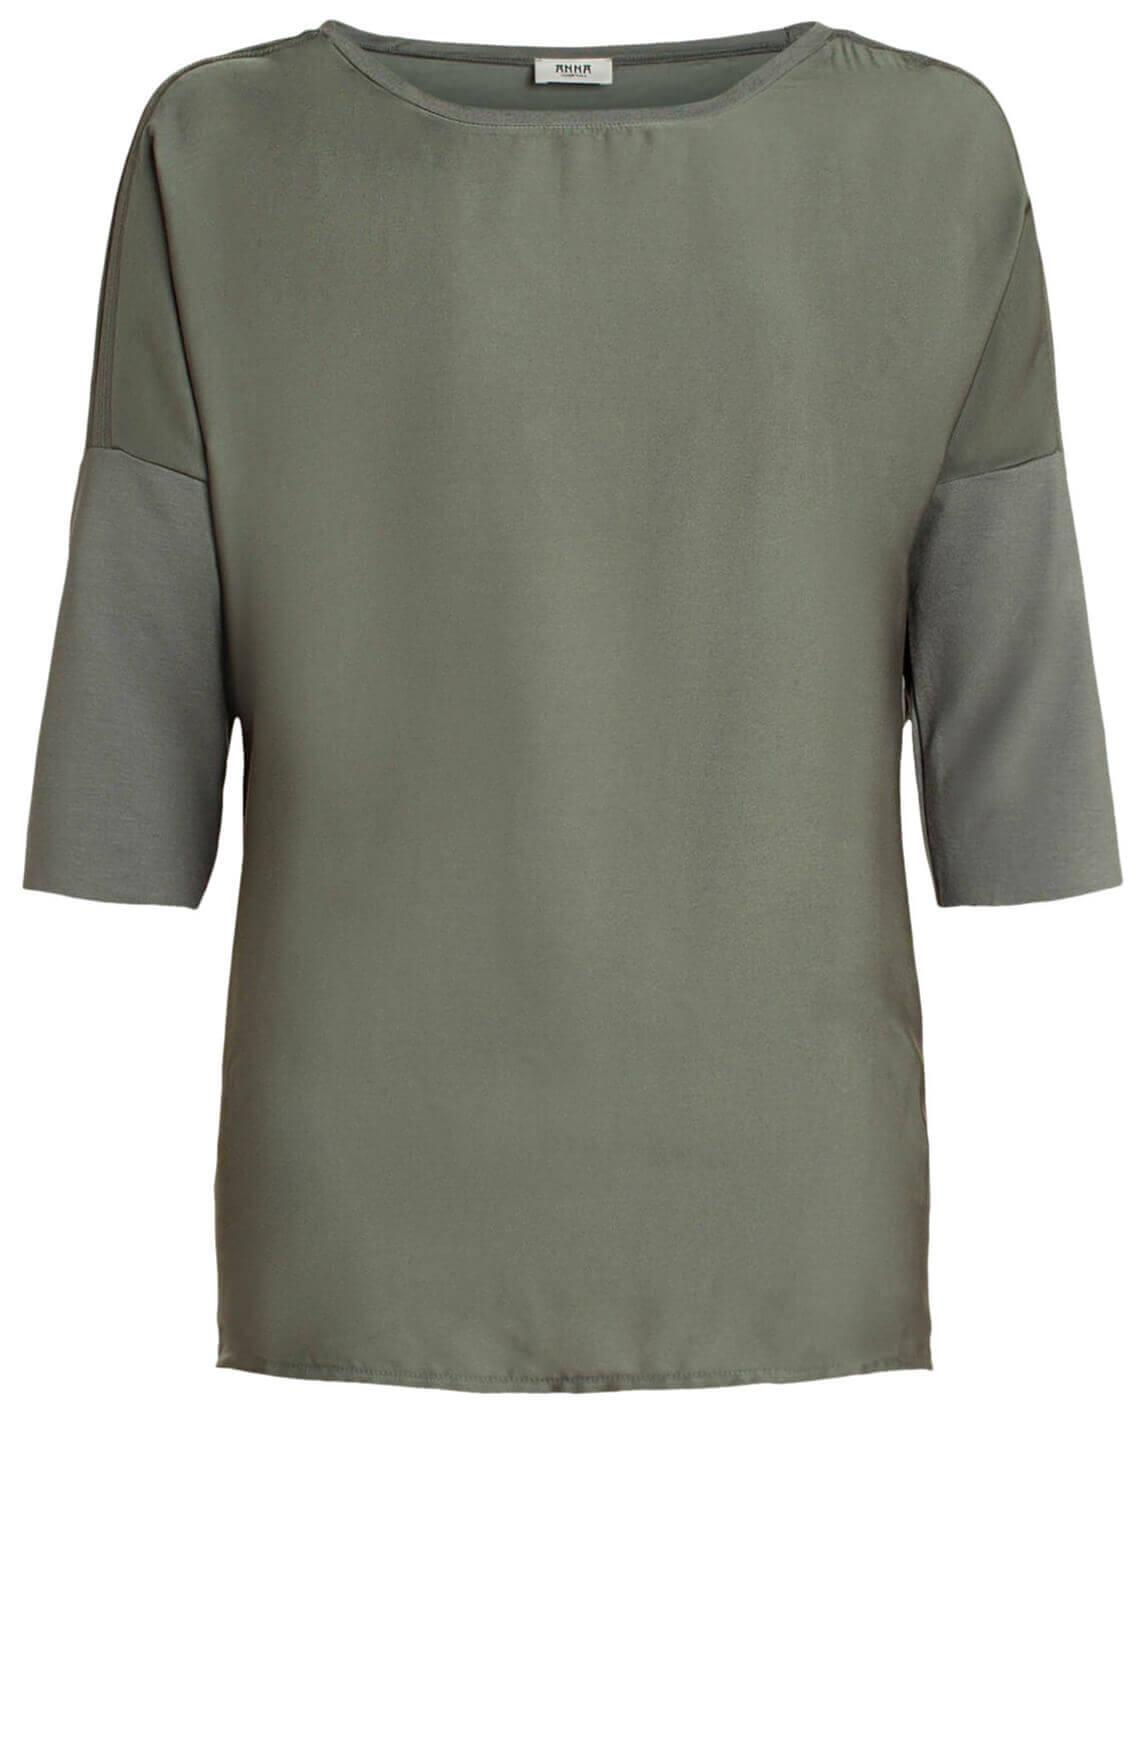 Anna Dames Materiaalmix shirt groen